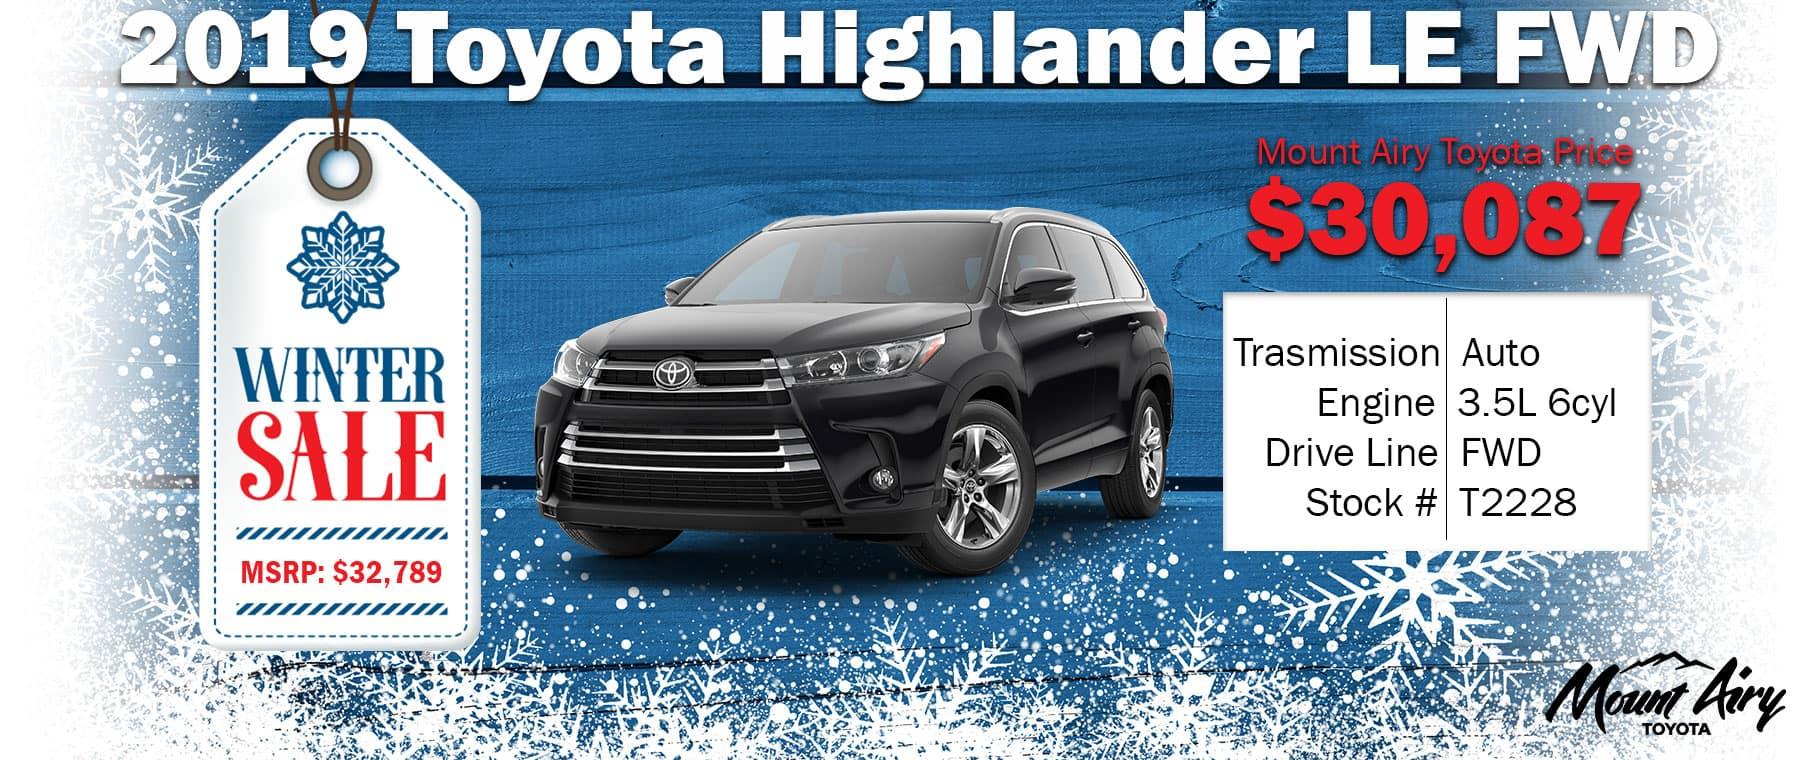 Best Toyota Highlander in Mount Airy